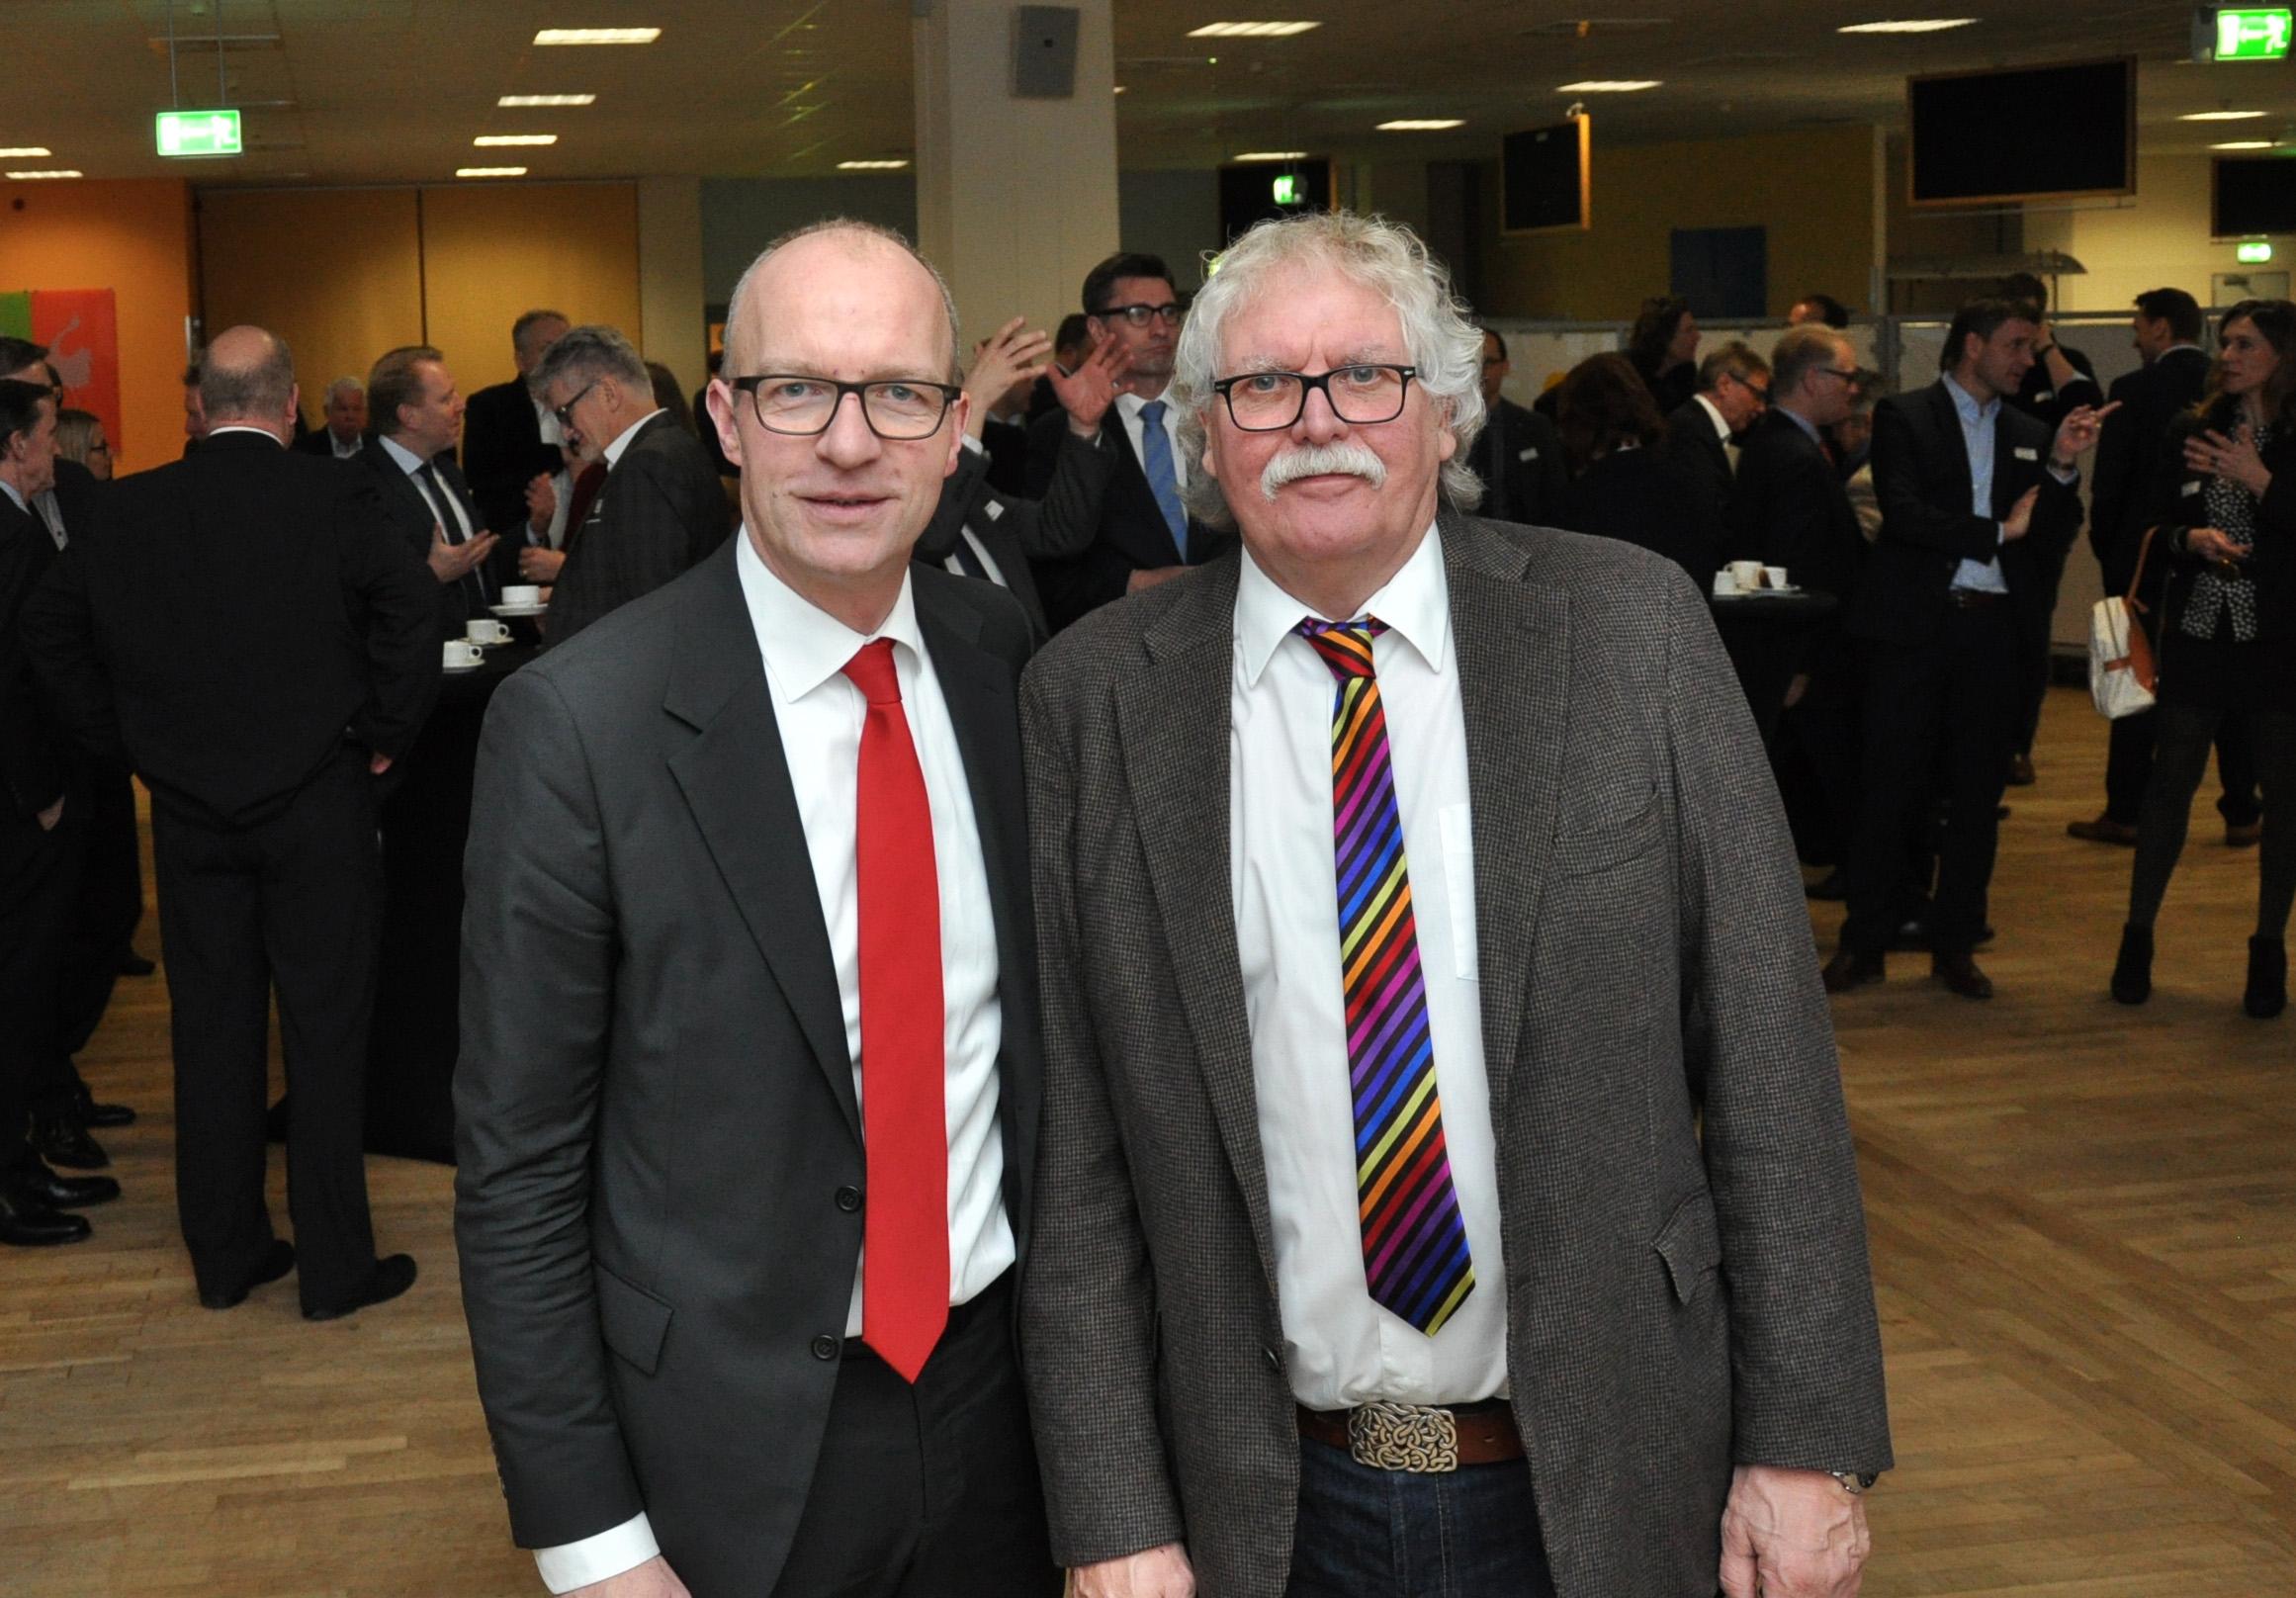 Dr. Thomas Robbers, Geschäftsführer der Wirtschaftsförderung Münster GmbH, und Achim Wiese, stellvertretender Geschäftsführer beim Studierendenwerk Münster (Foto: WFM Münster)